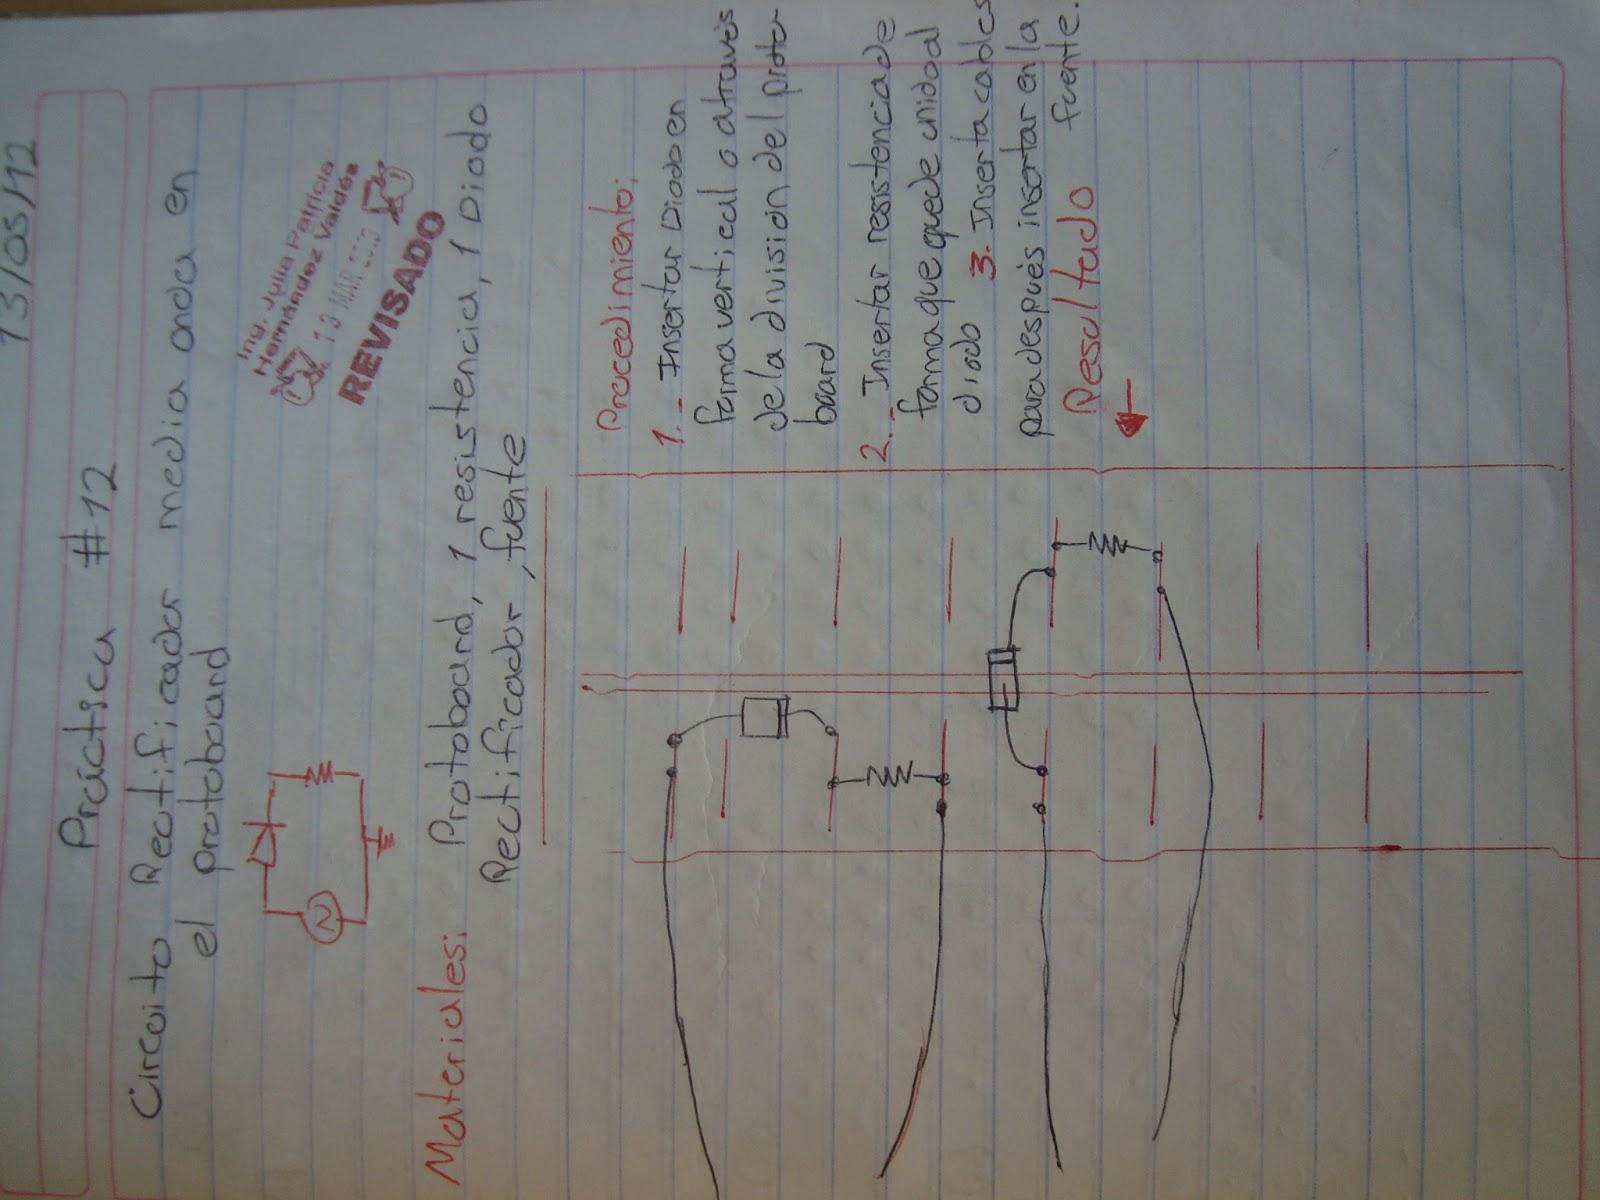 Circuito Rectificador : Puente rectificador diodos df m db g dil v a